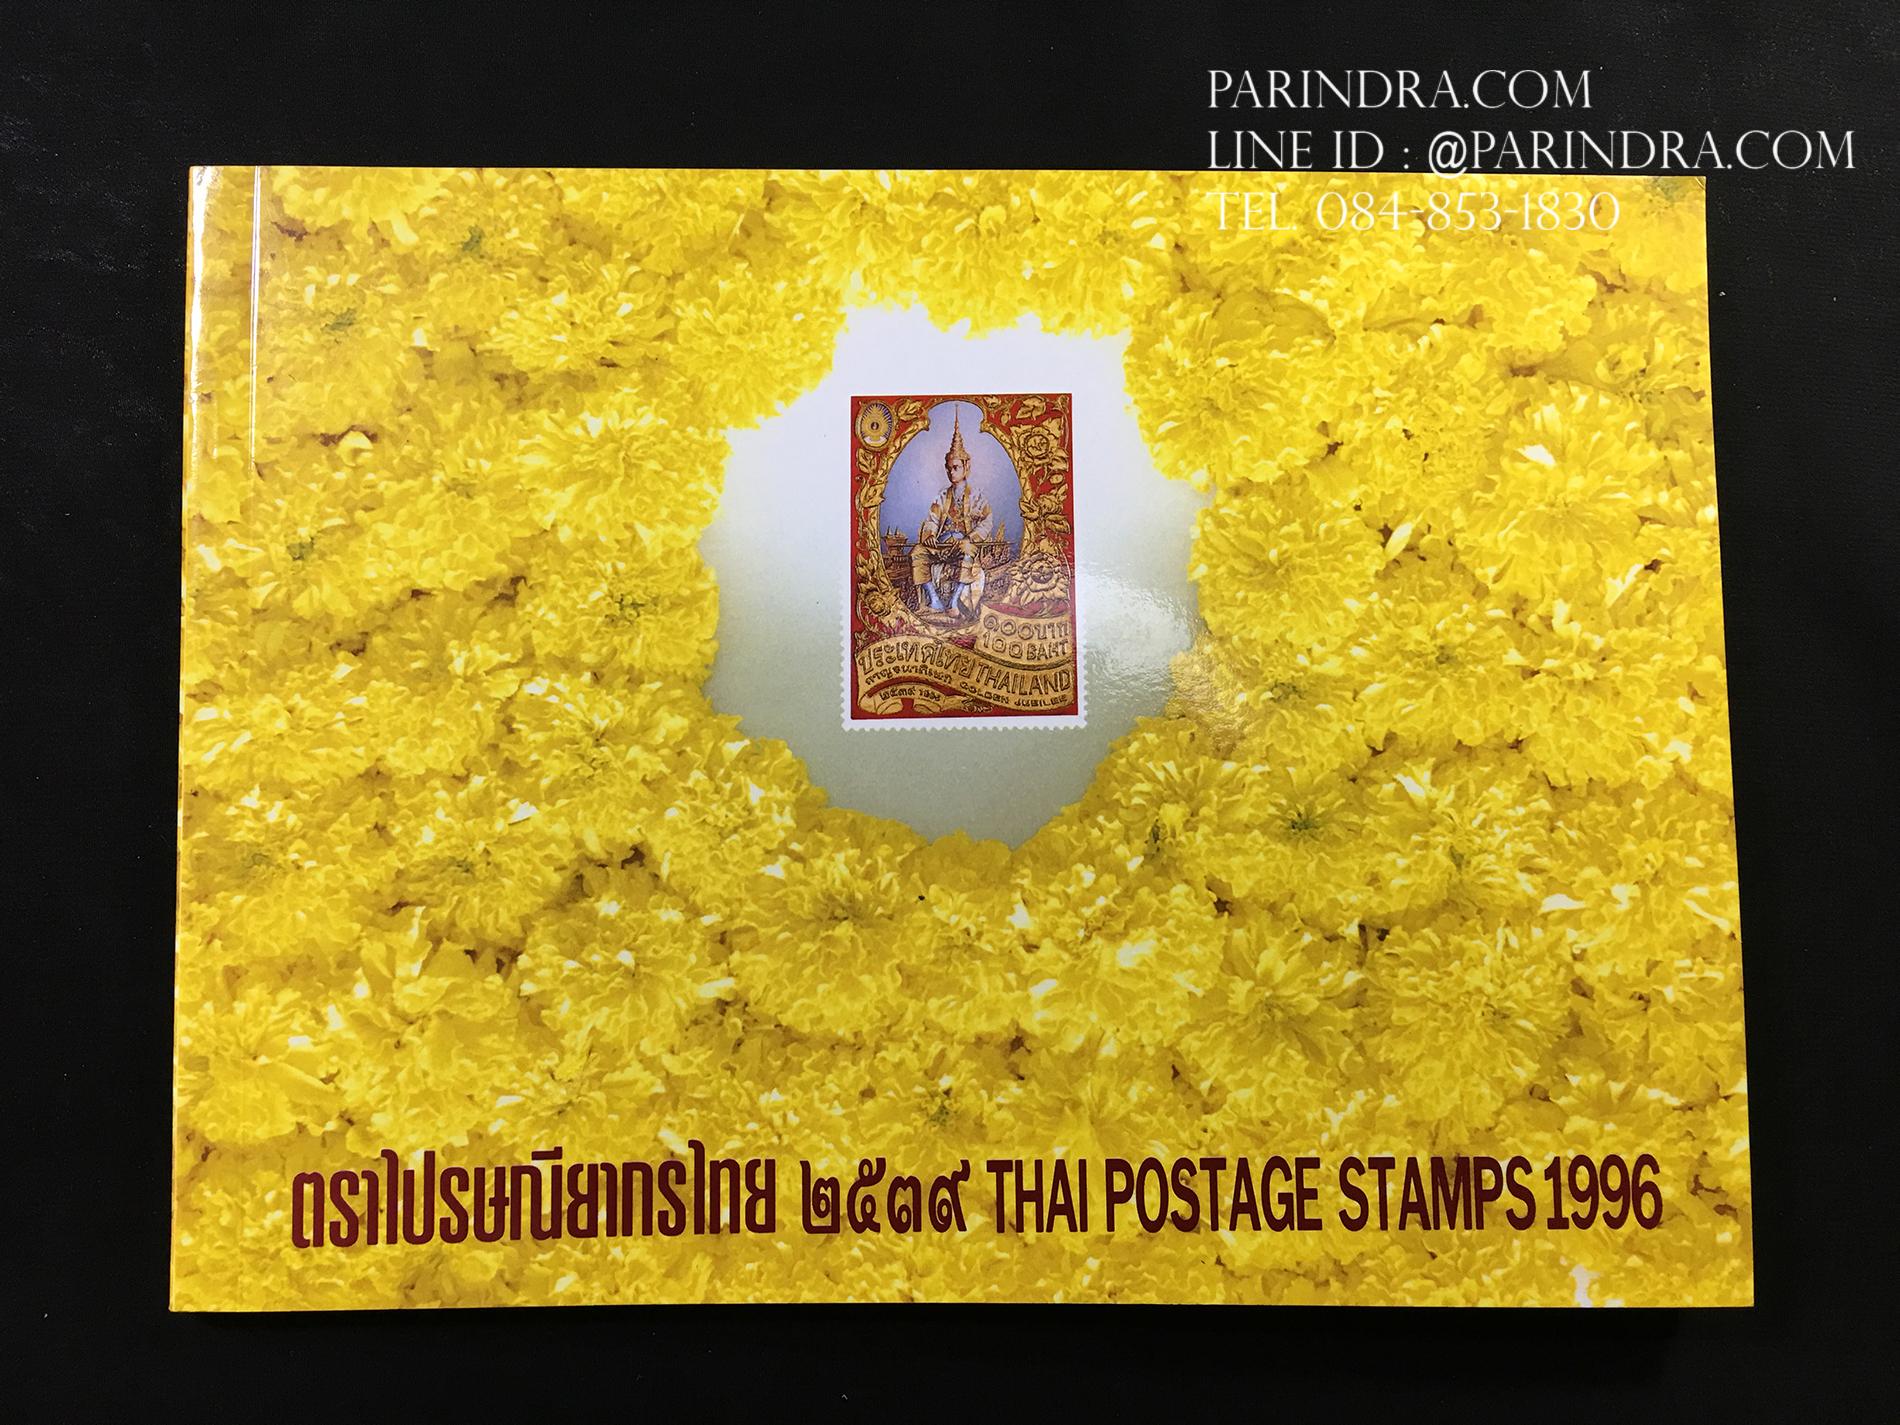 สมุดตราไปรษณียากรไทย ประจำปี 2539